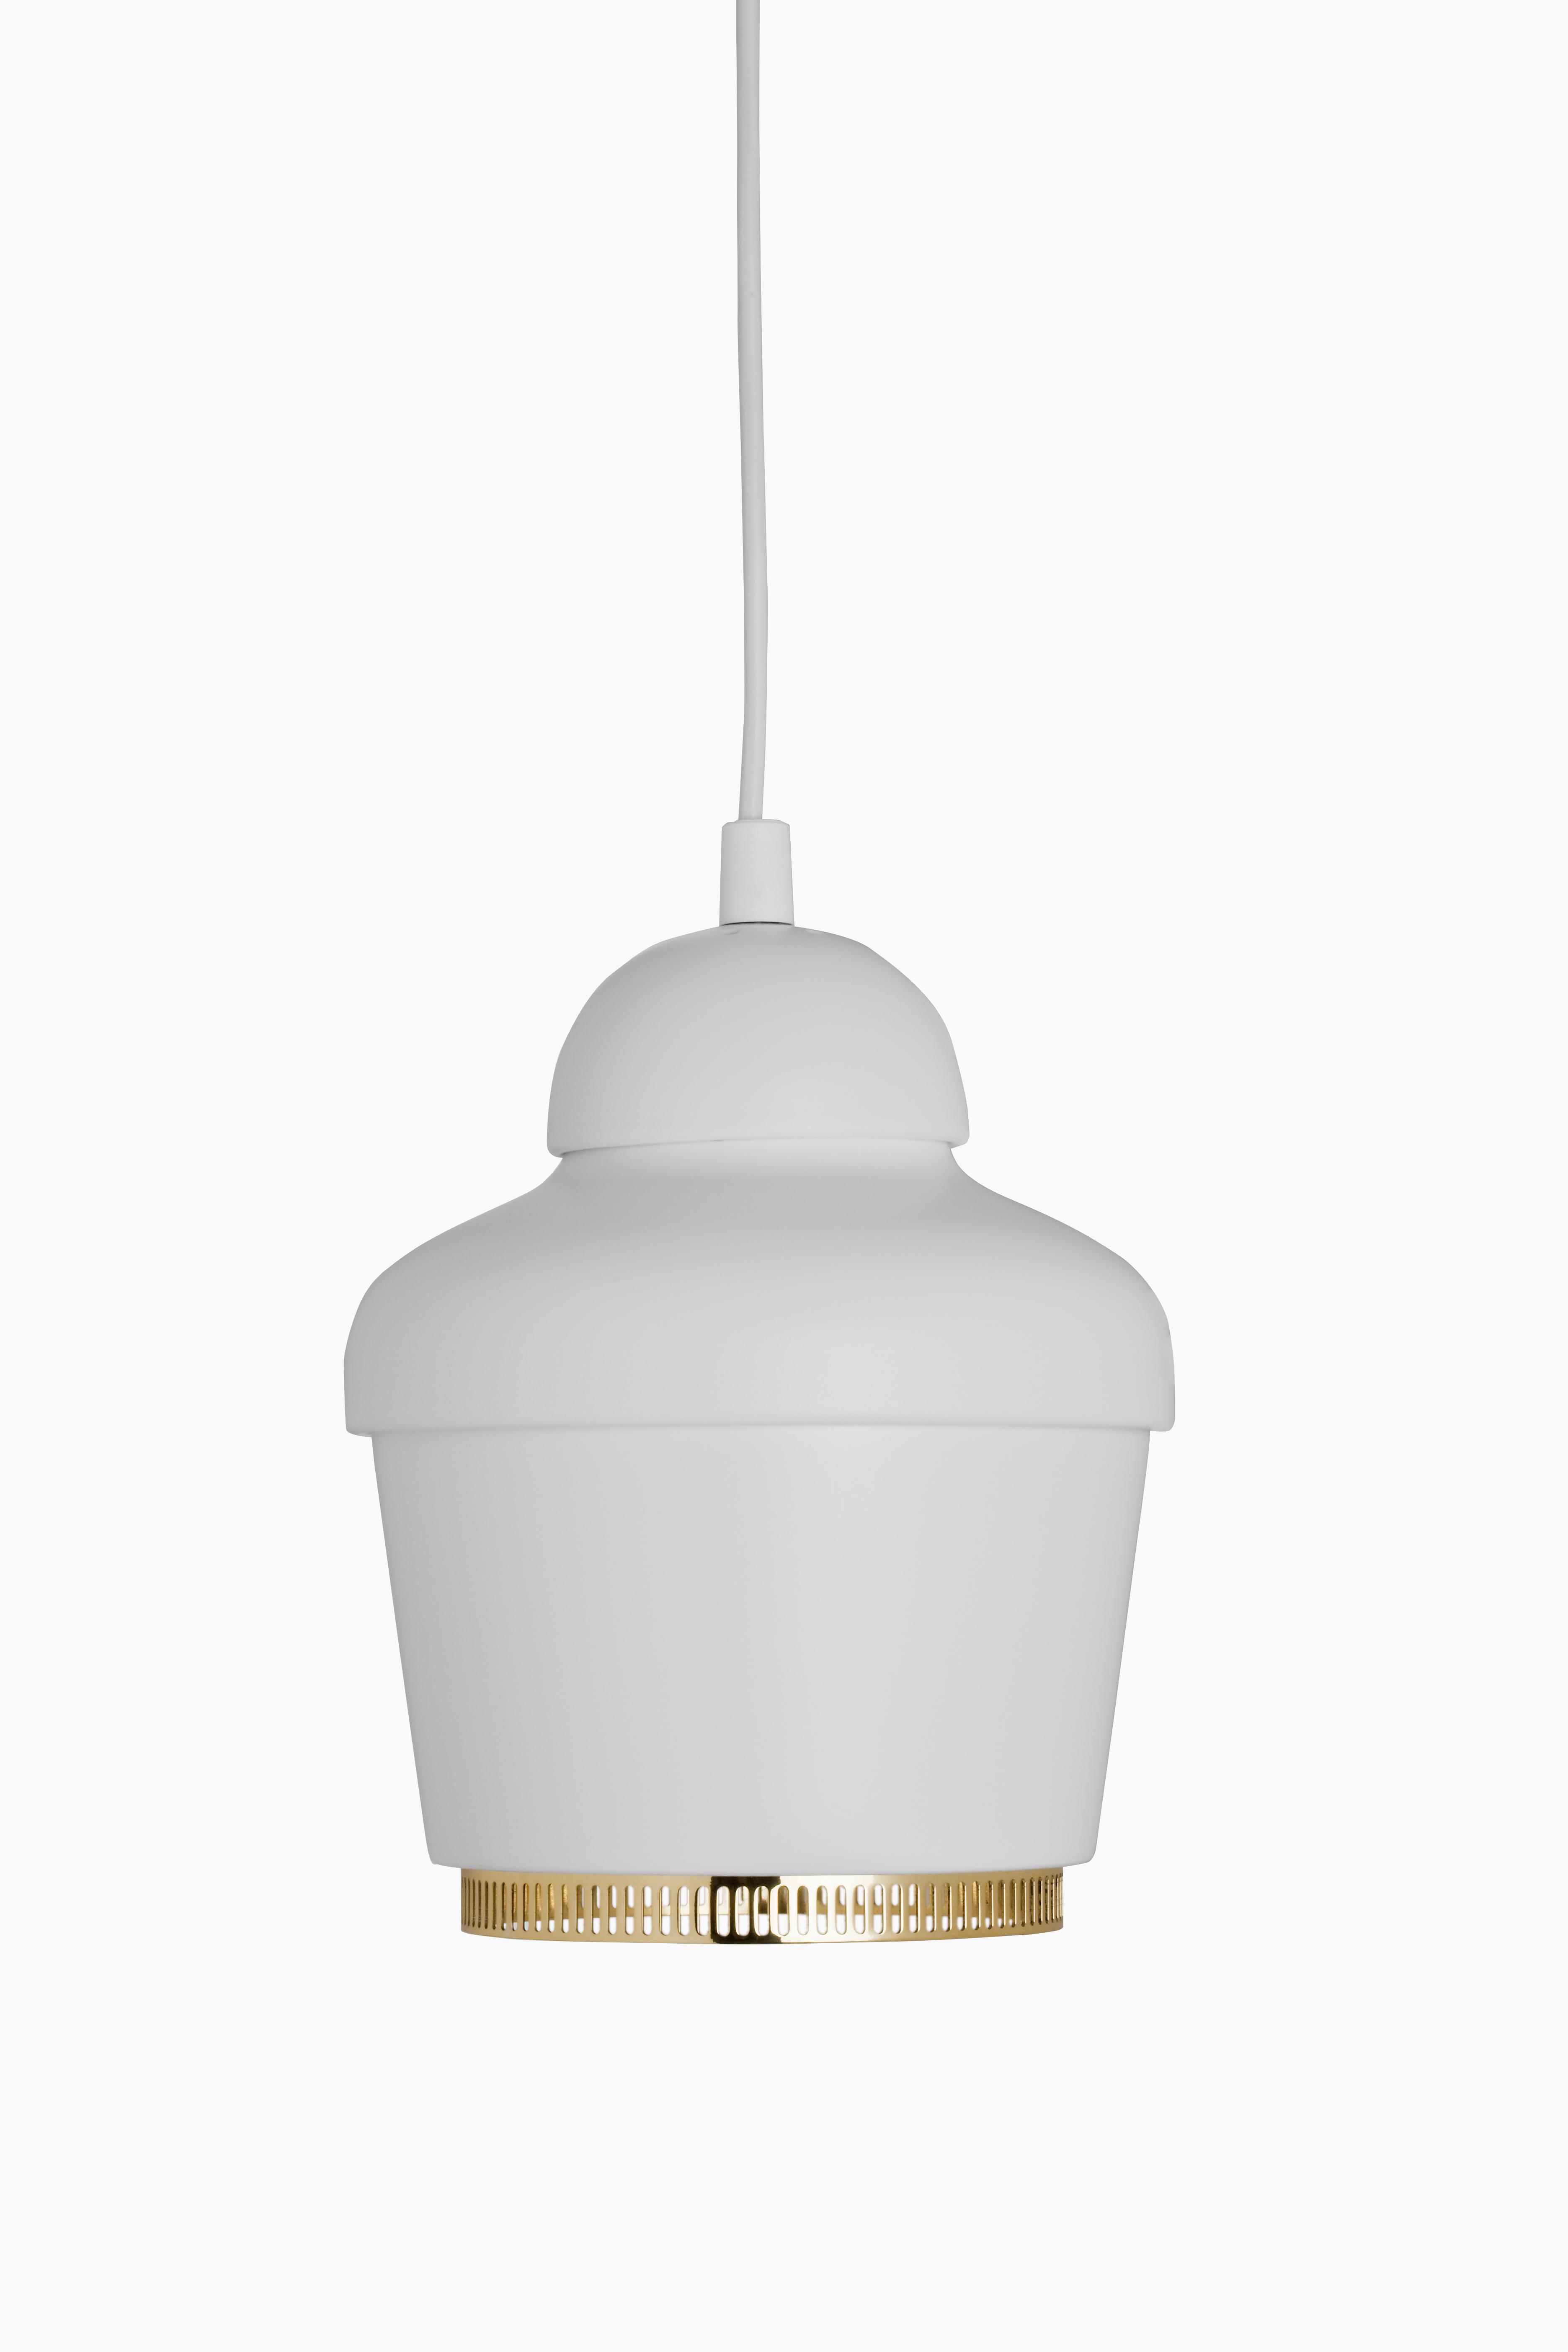 design alvar aalto artek lighting